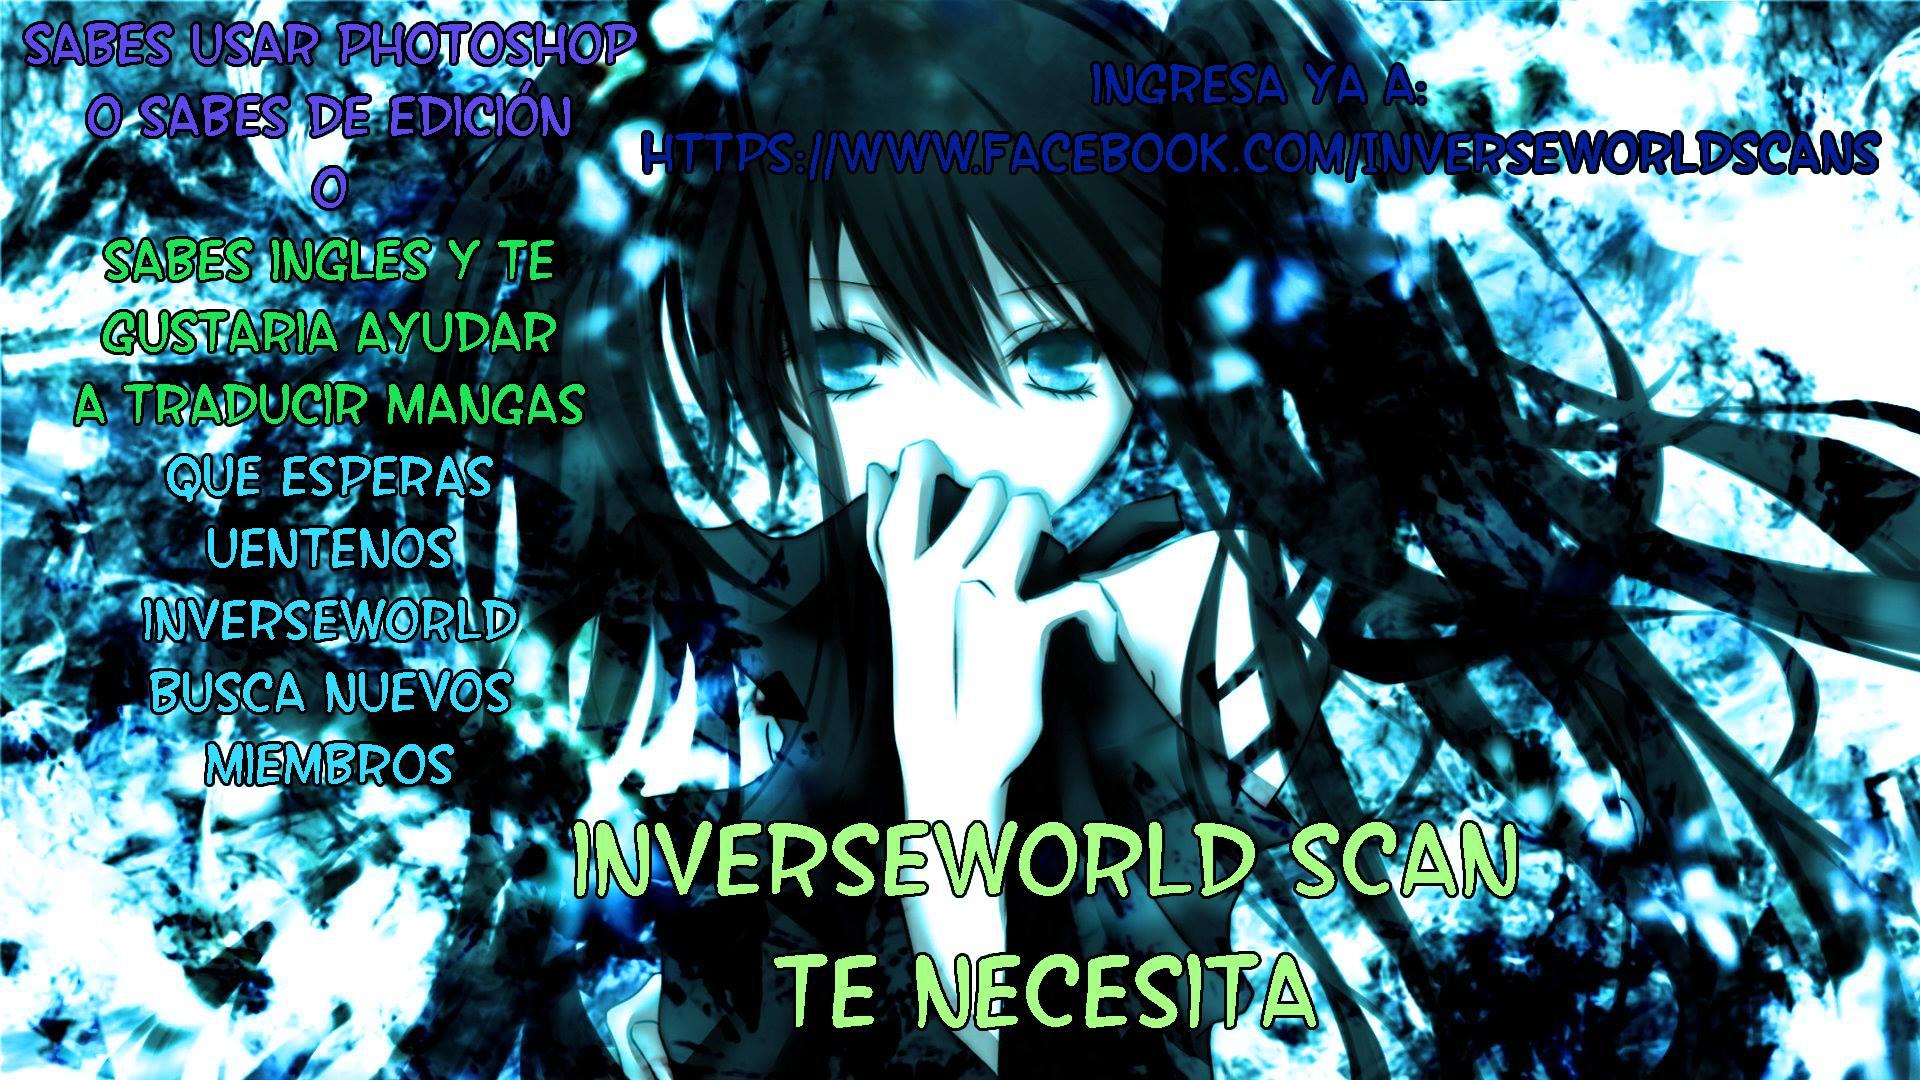 http://c5.ninemanga.com/es_manga/18/16210/391365/c203f236cf82b0803440f54555fb2392.jpg Page 2